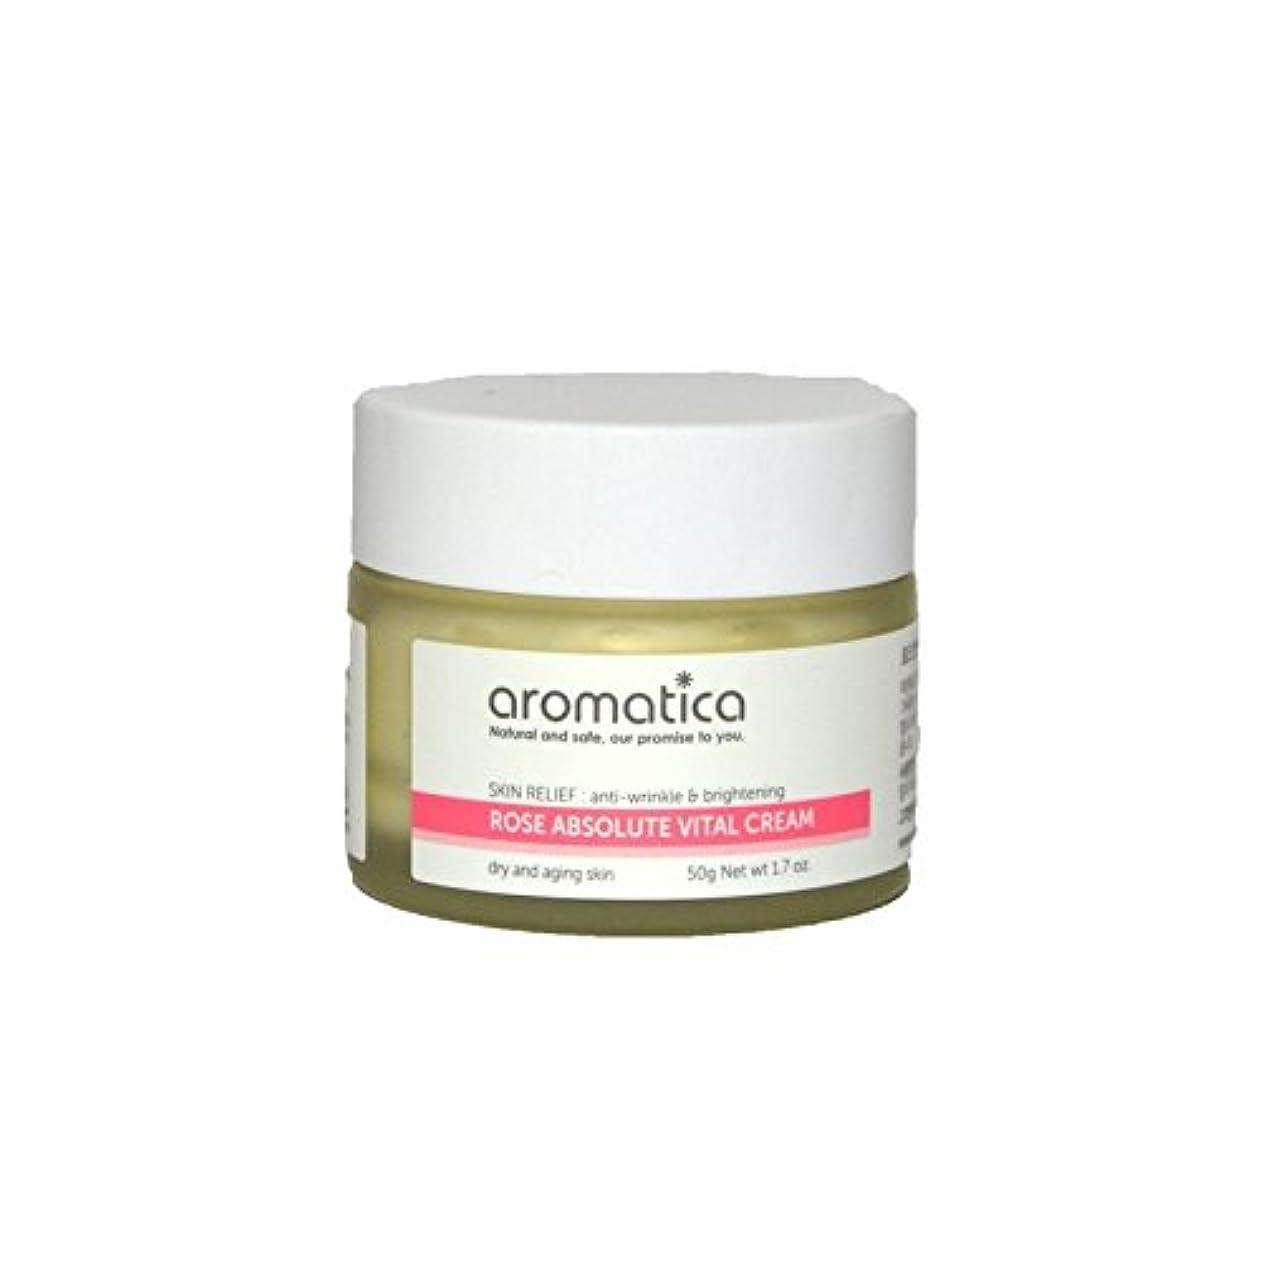 リンケージセンターイサカは絶対不可欠なクリーム50グラムのバラ x2 - aromatica Rose Absolute Vital Cream 50g (Pack of 2) [並行輸入品]